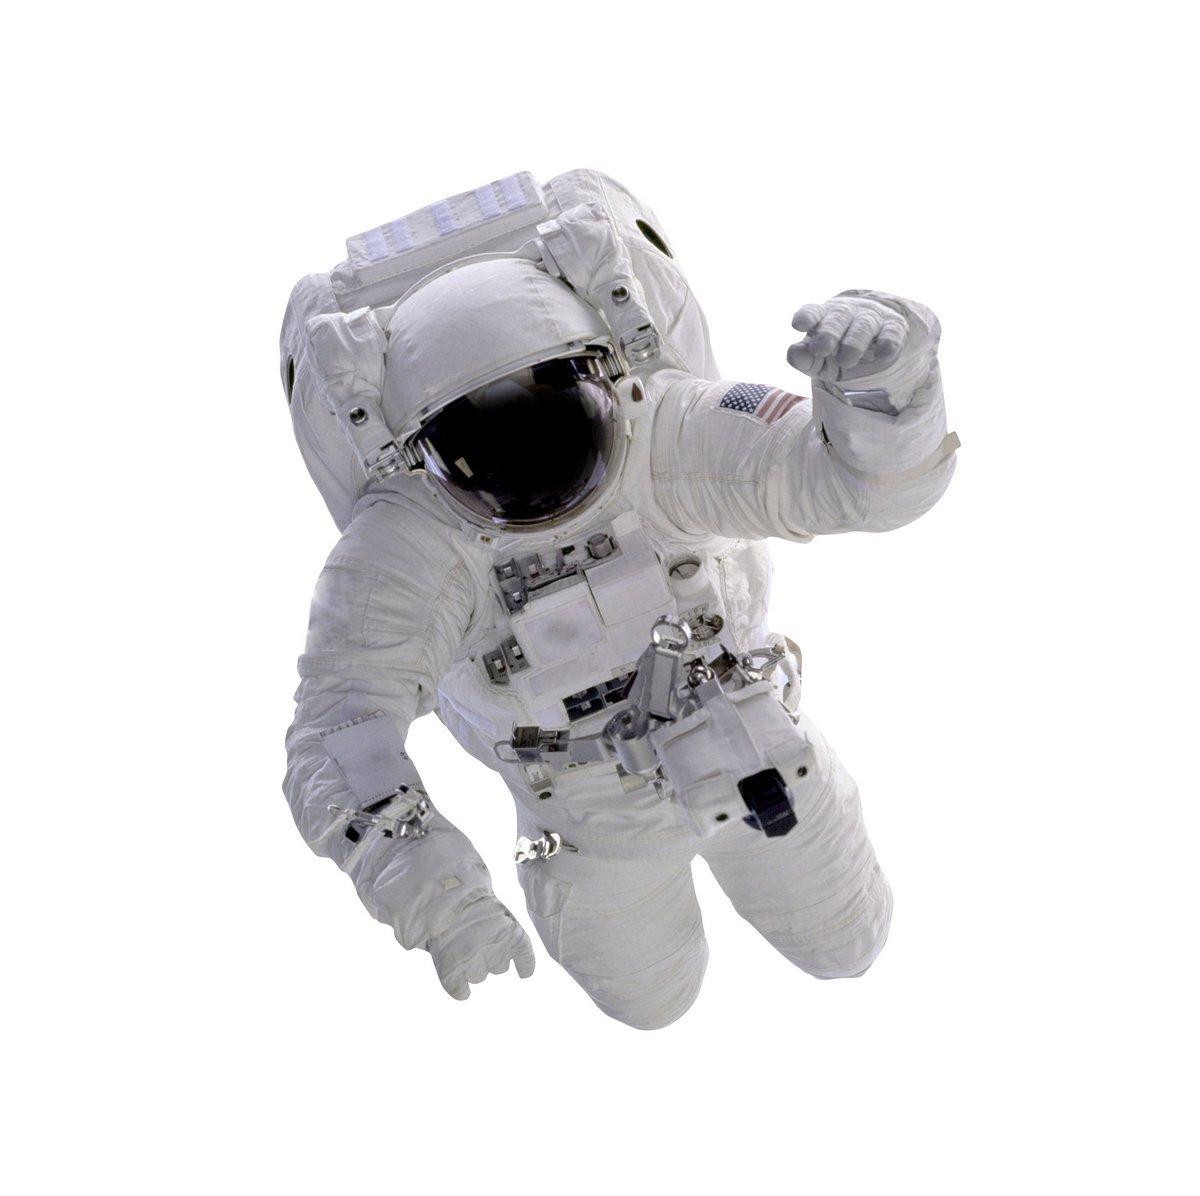 Постер Космос - разные постеры АстронавтКосмос - разные постеры<br>Постер на холсте или бумаге. Любого нужного вам размера. В раме или без. Подвес в комплекте. Трехслойная надежная упаковка. Доставим в любую точку России. Вам осталось только повесить картину на стену!<br>